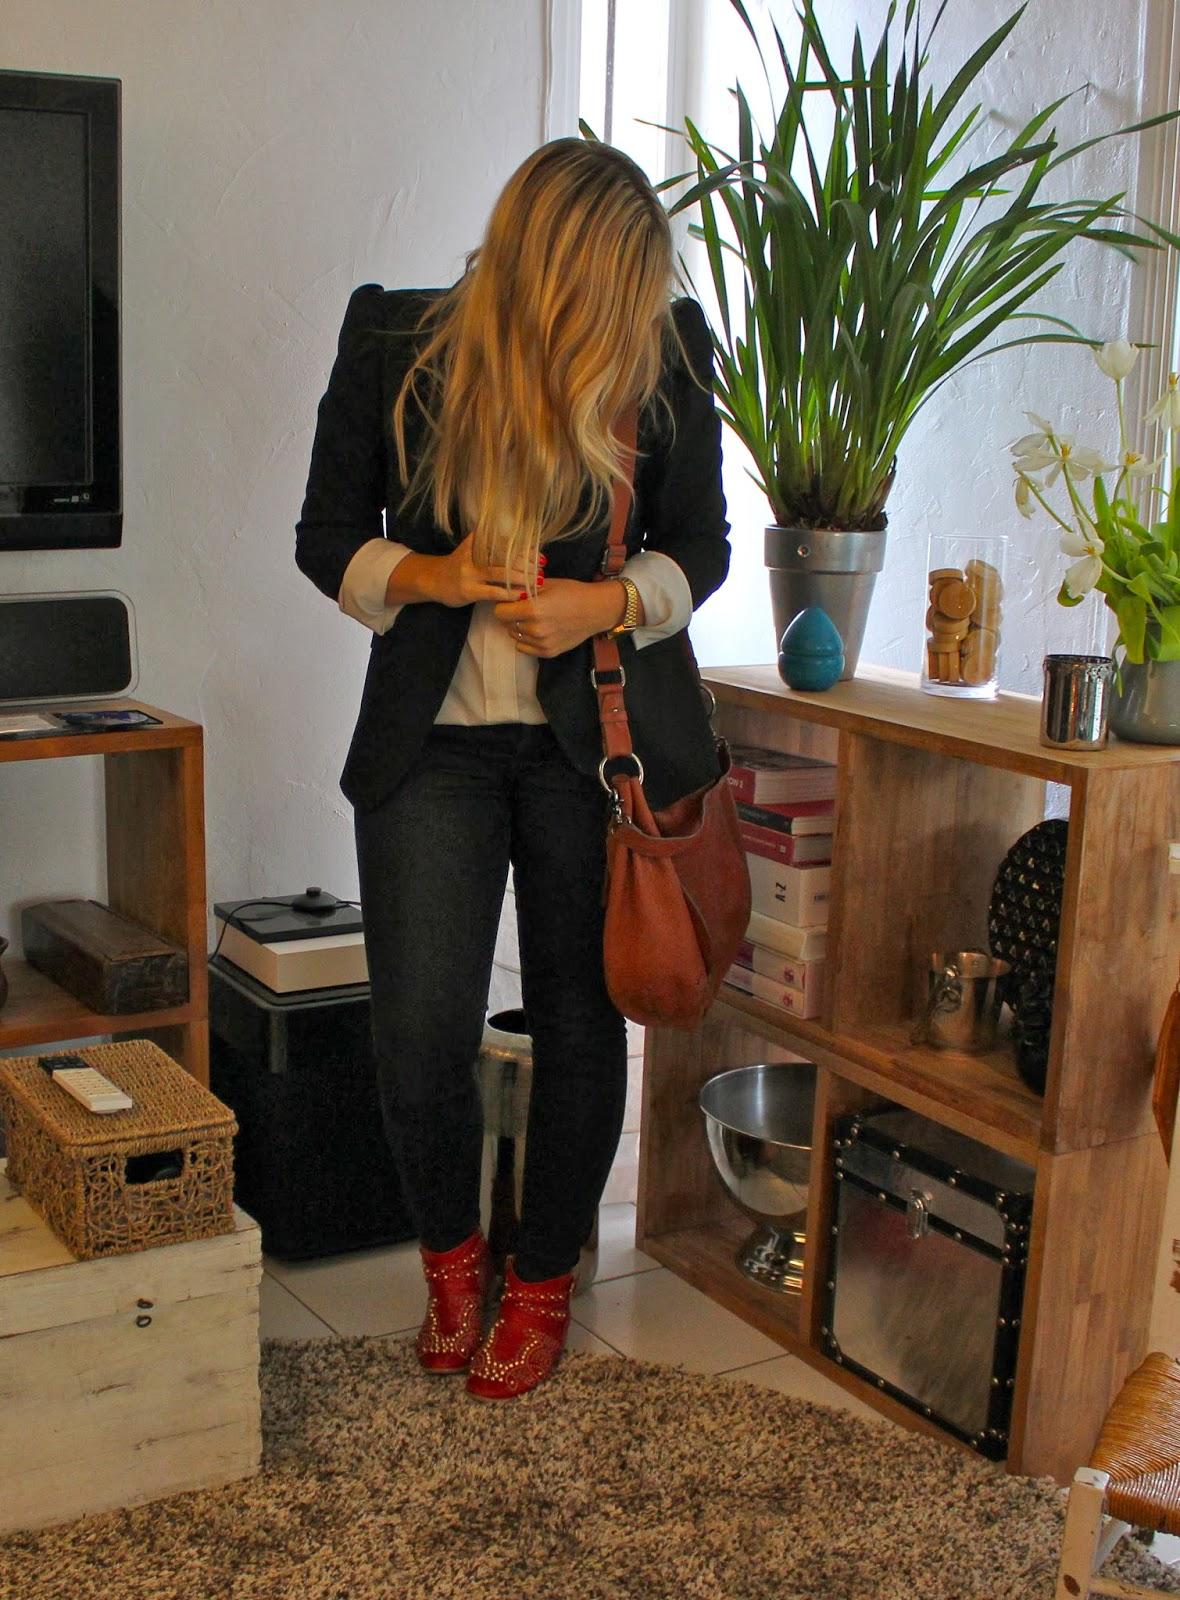 les causeries de v blog mode bordeaux tendances b b. Black Bedroom Furniture Sets. Home Design Ideas